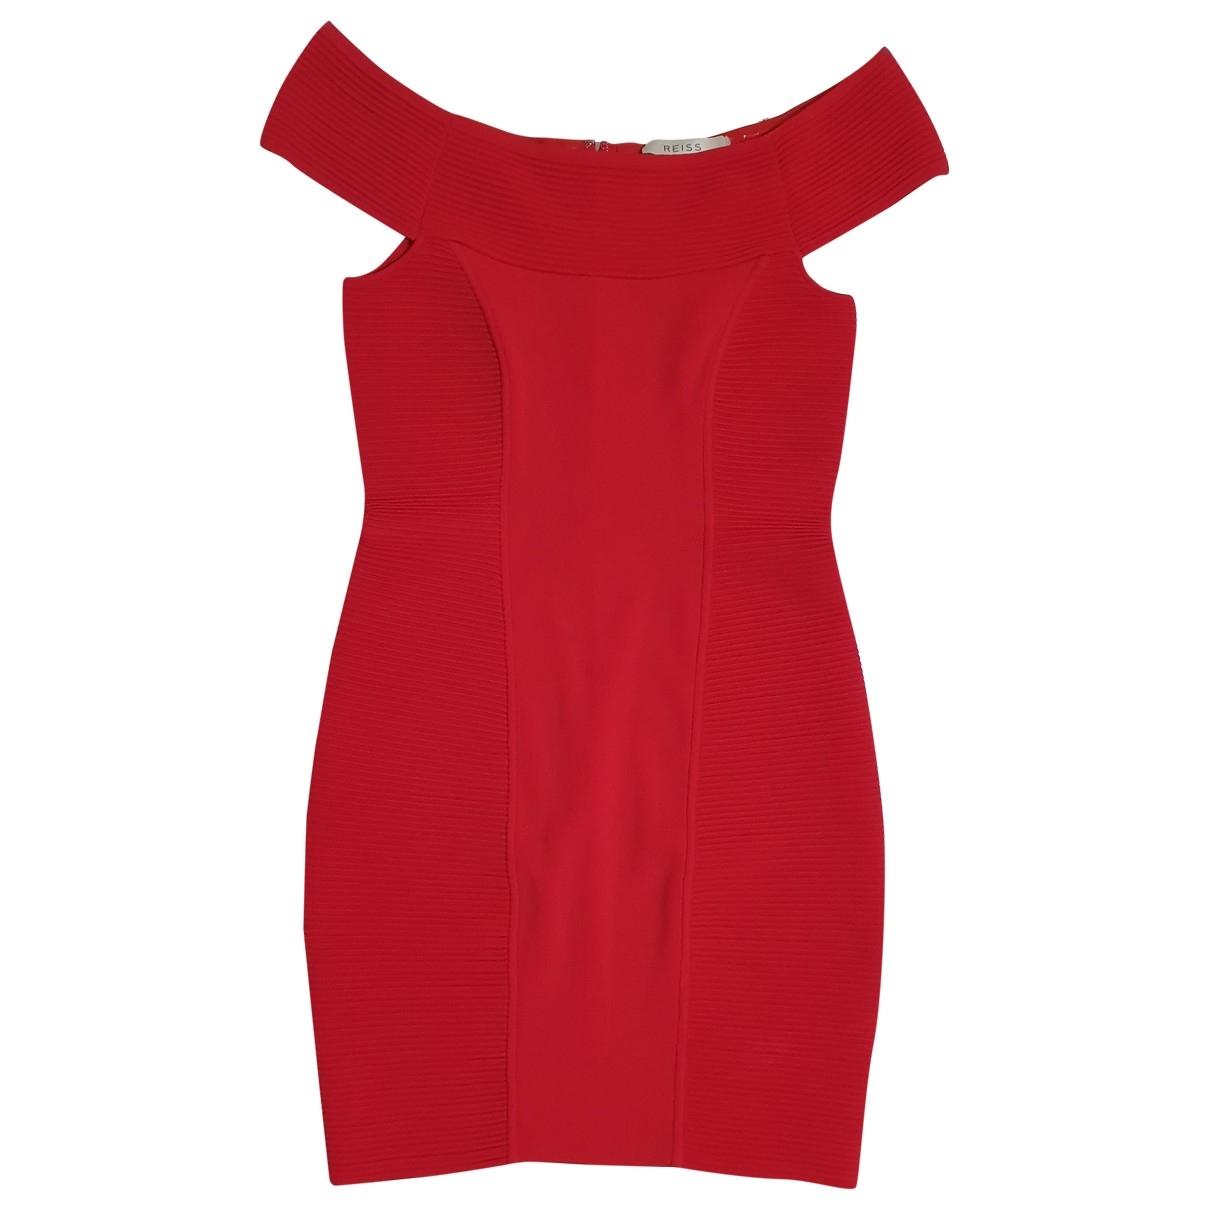 Reiss \N Kleid in  Rot Polyester